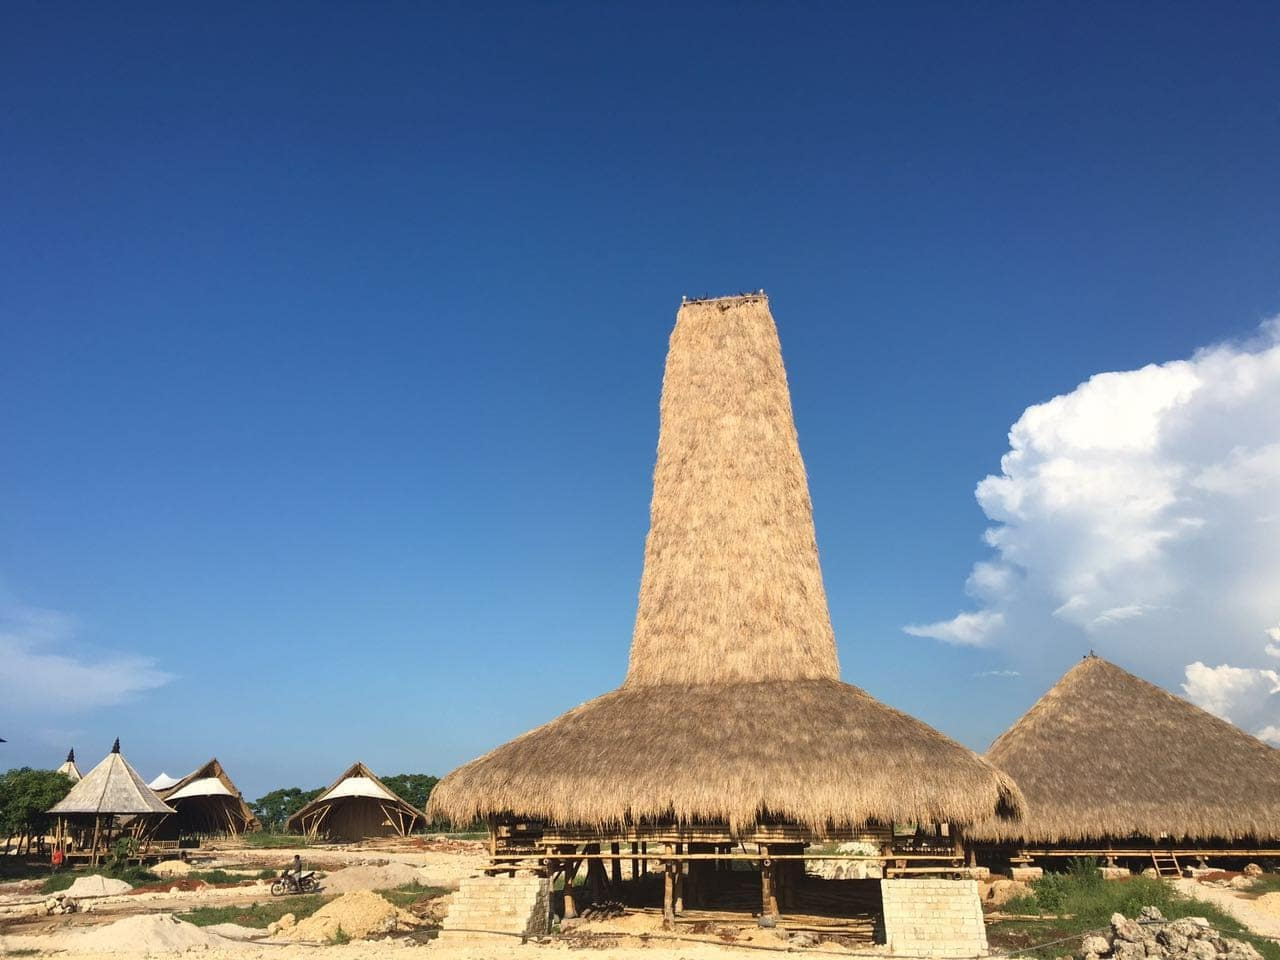 The Sumba Hospitality Foundation's Campus by Ibuku